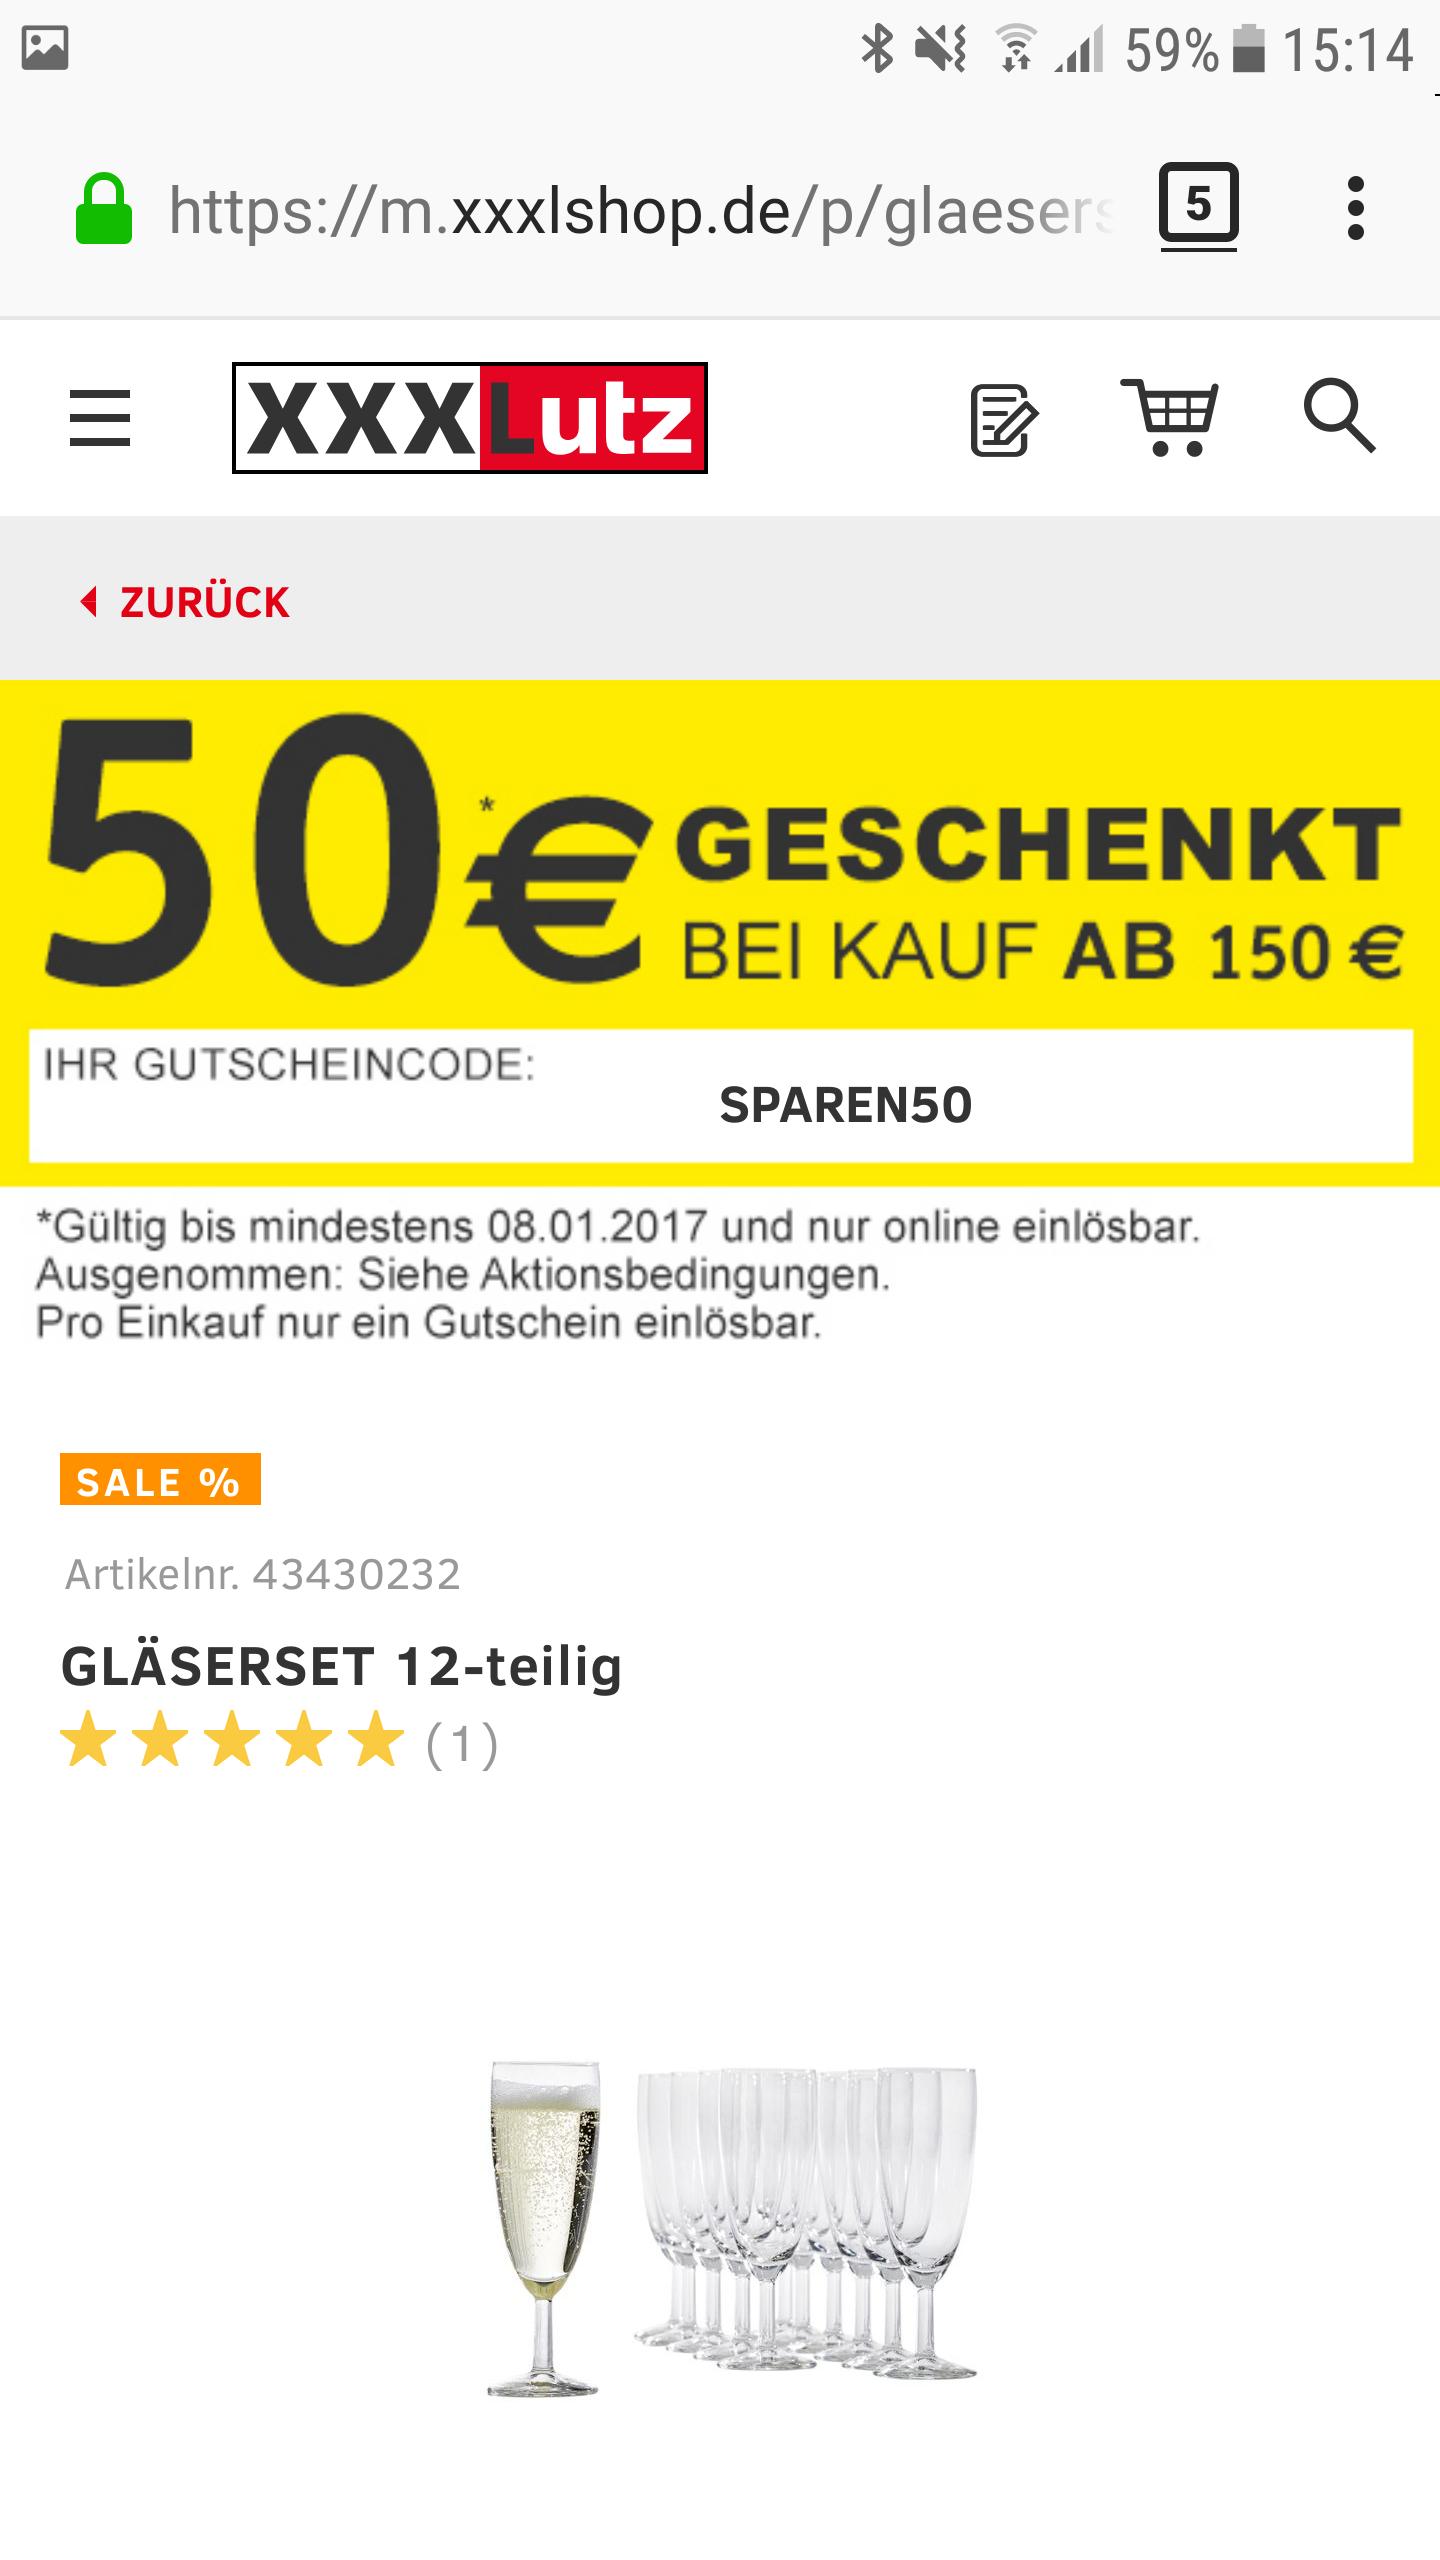 XXXL 50€ gespart ab 150 € MBW